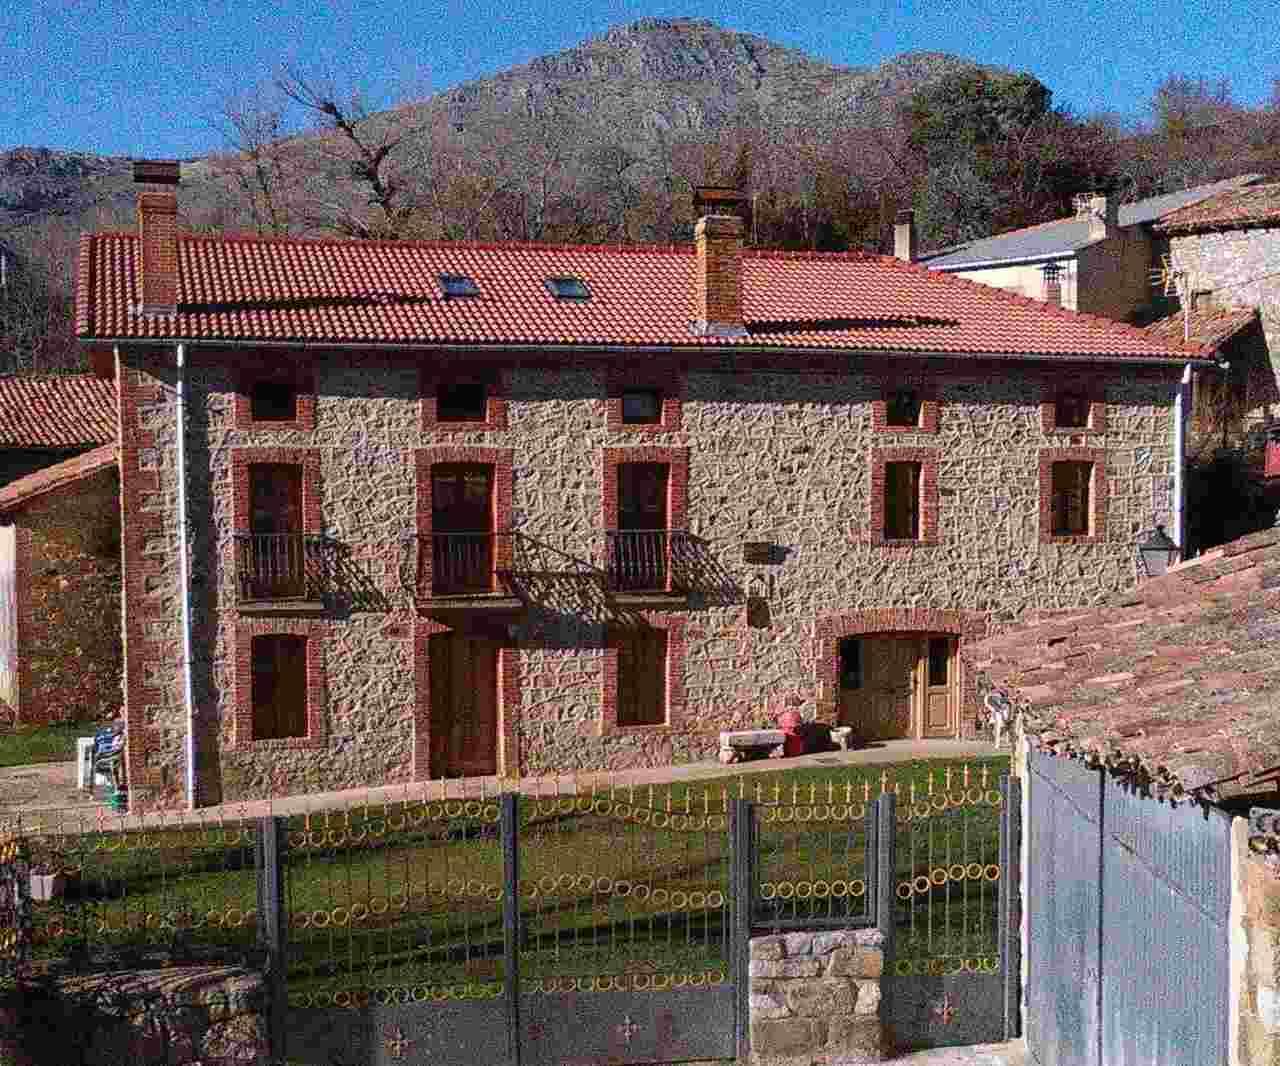 Alquiler vacaciones en Robledo de la Guzpeña, León